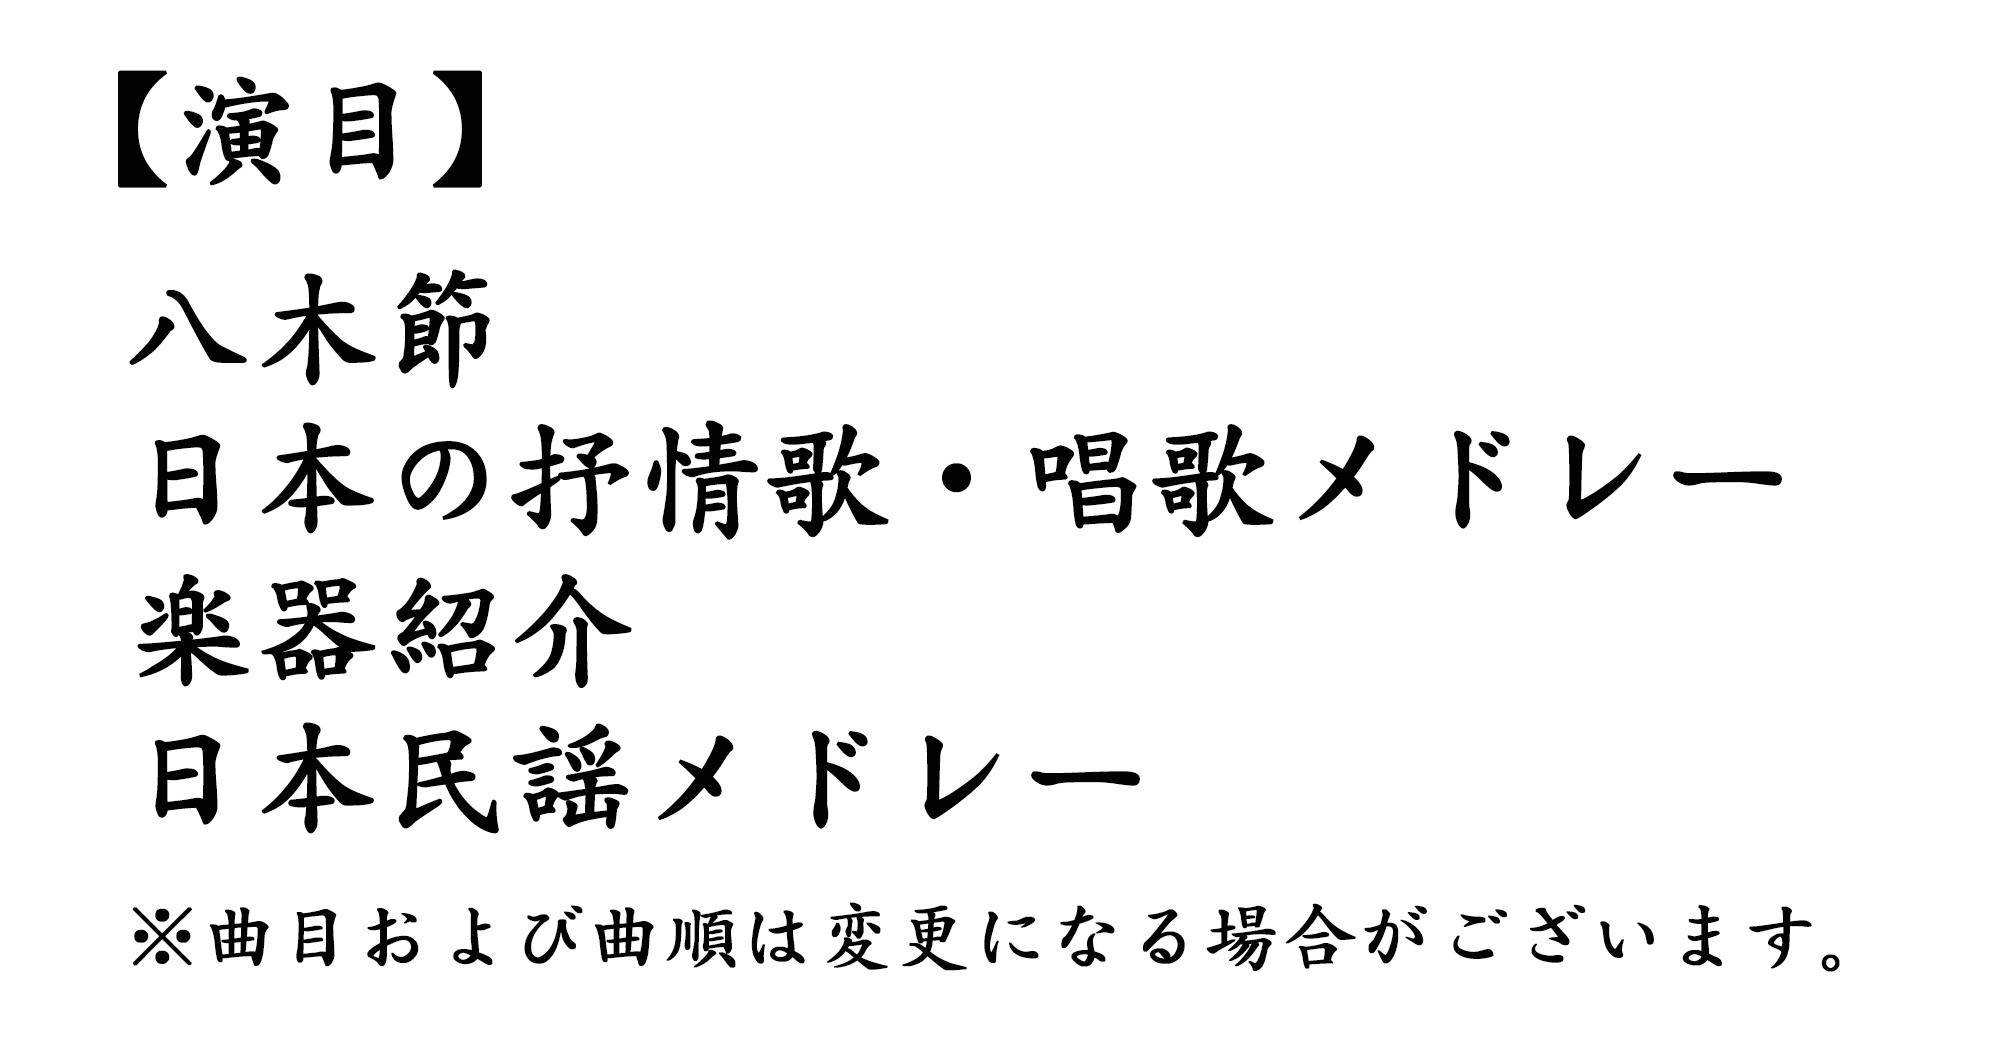 http://www.suncityhall.jp/HP%E2%91%A0.jpg